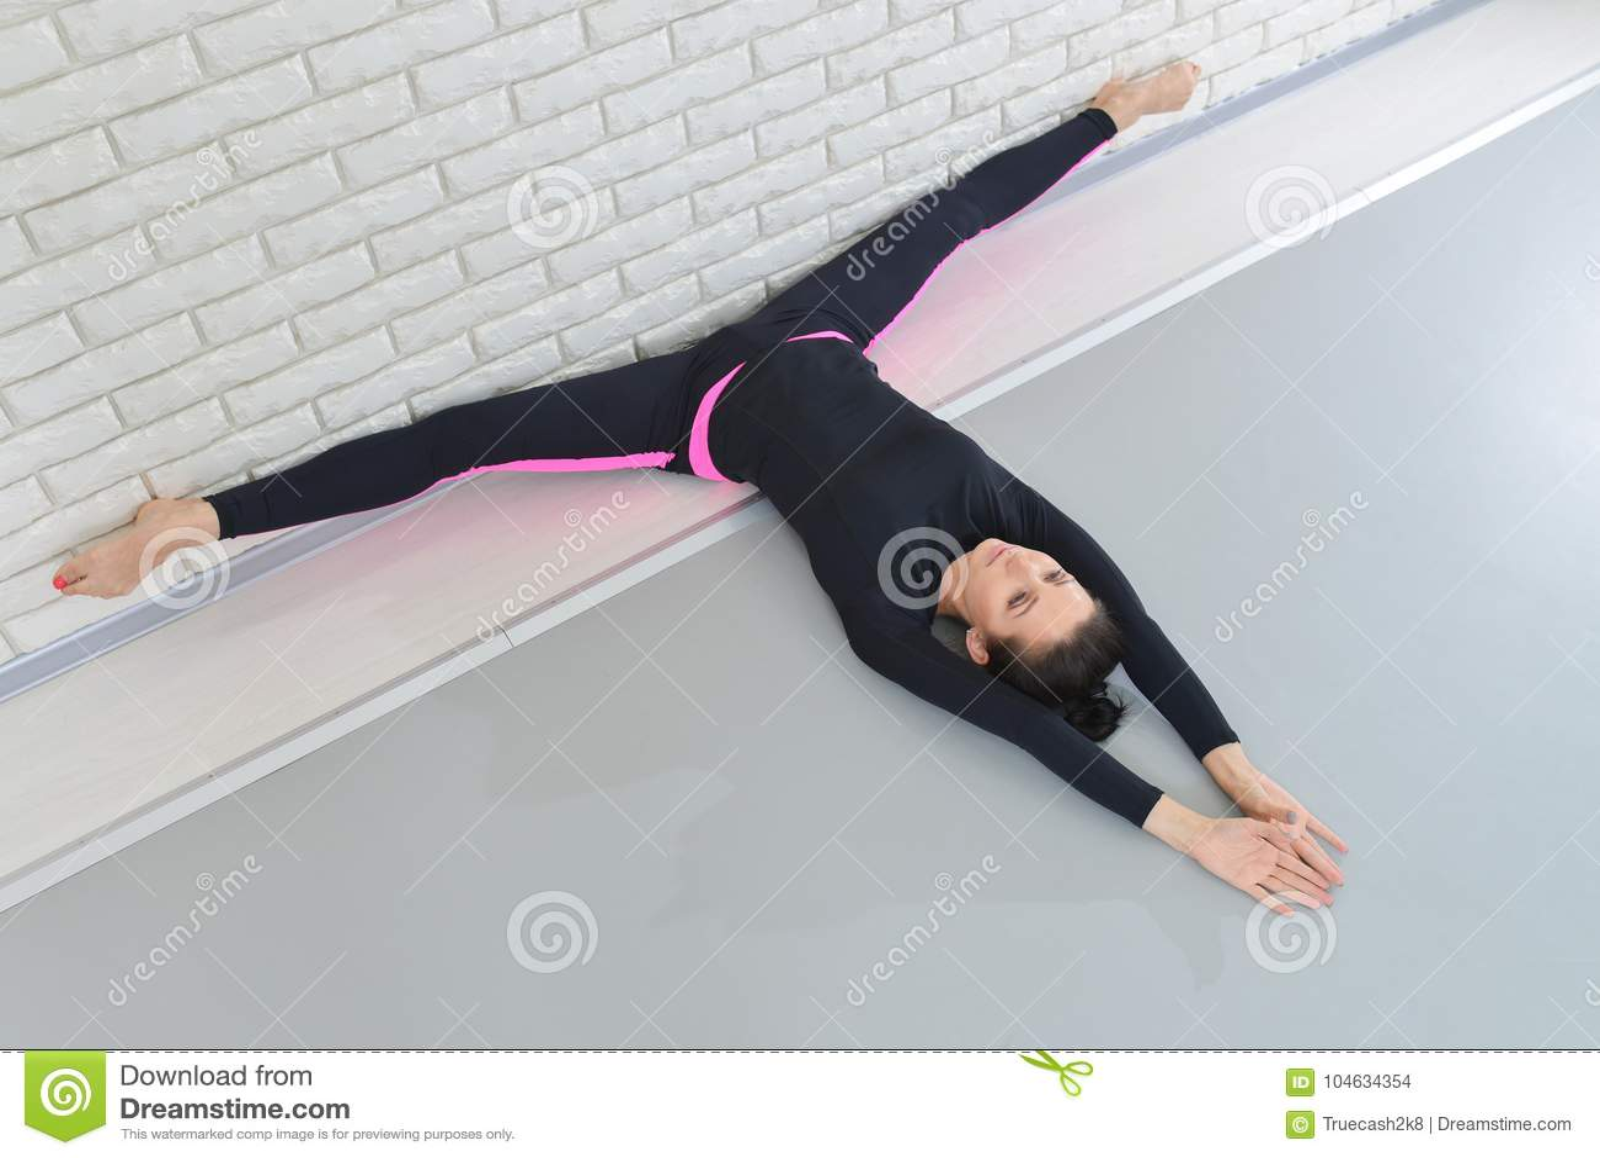 Download Mooie Vrouw In Sportkleding Die Bij Geschiktheidsstudio Uitoefenen, Die Streng Uitvoeren Die Op De Vloer Dichtbij Muur Liggen Hog Stock Foto - Afbeelding bestaande uit lichaam, lying: 104634354